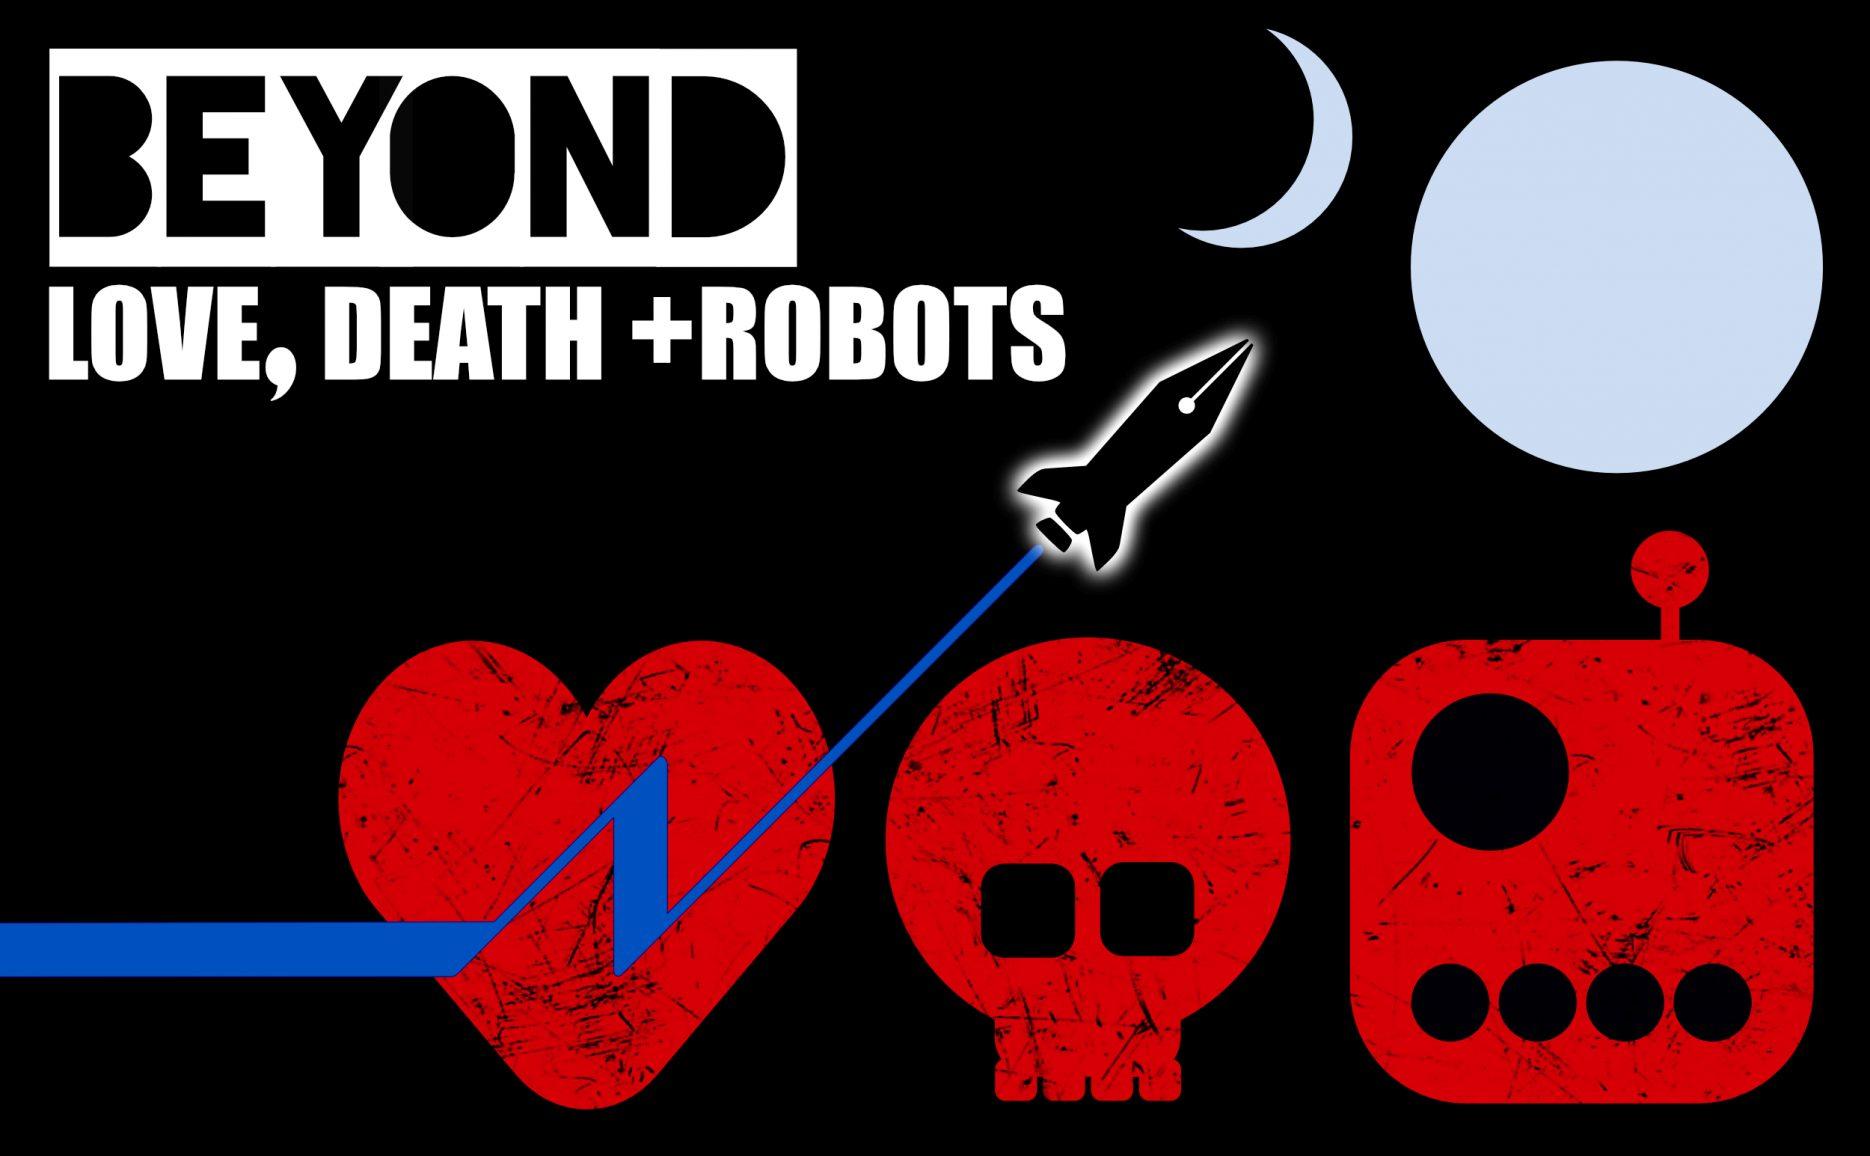 Beyond LDR